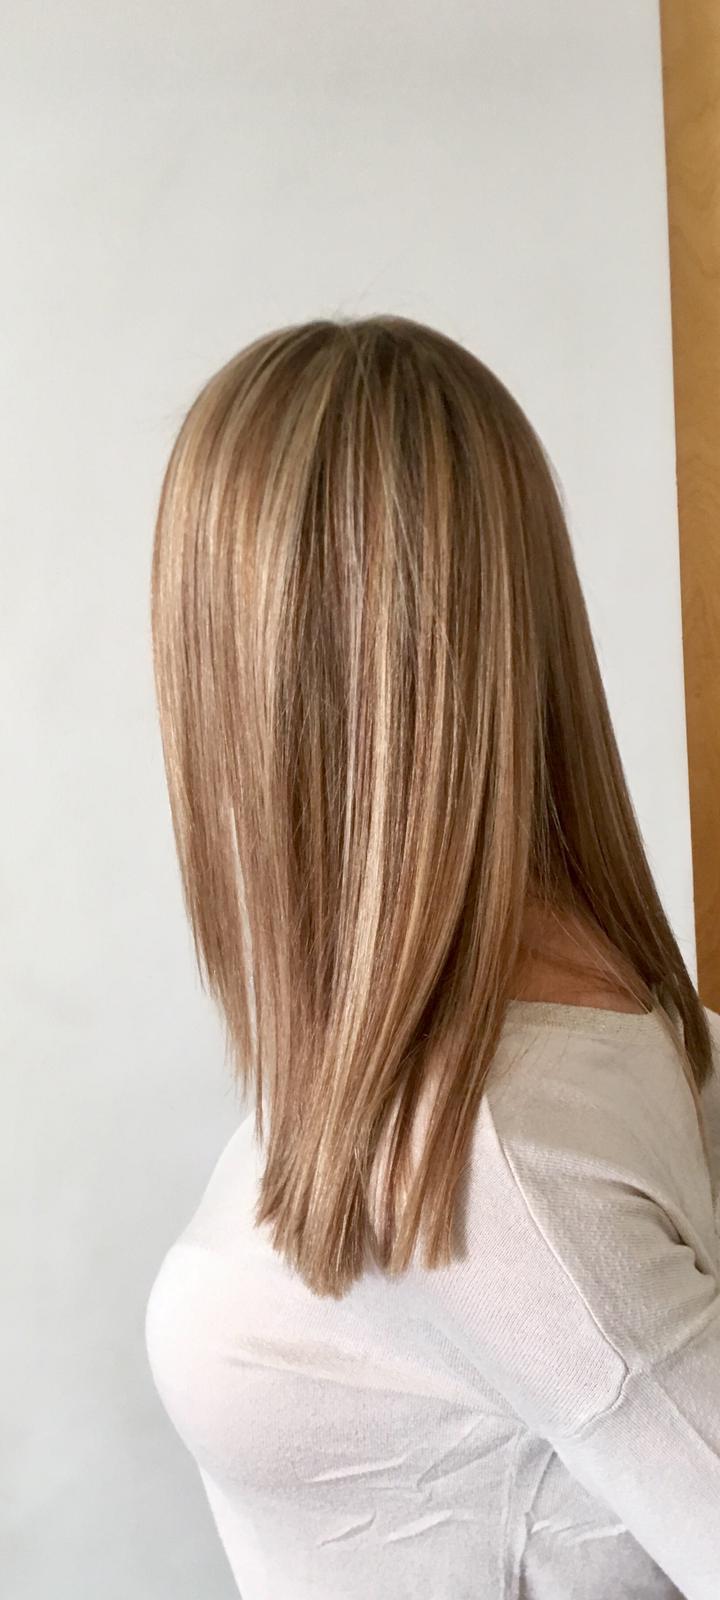 cheveux_long_coiffure_a_domicile